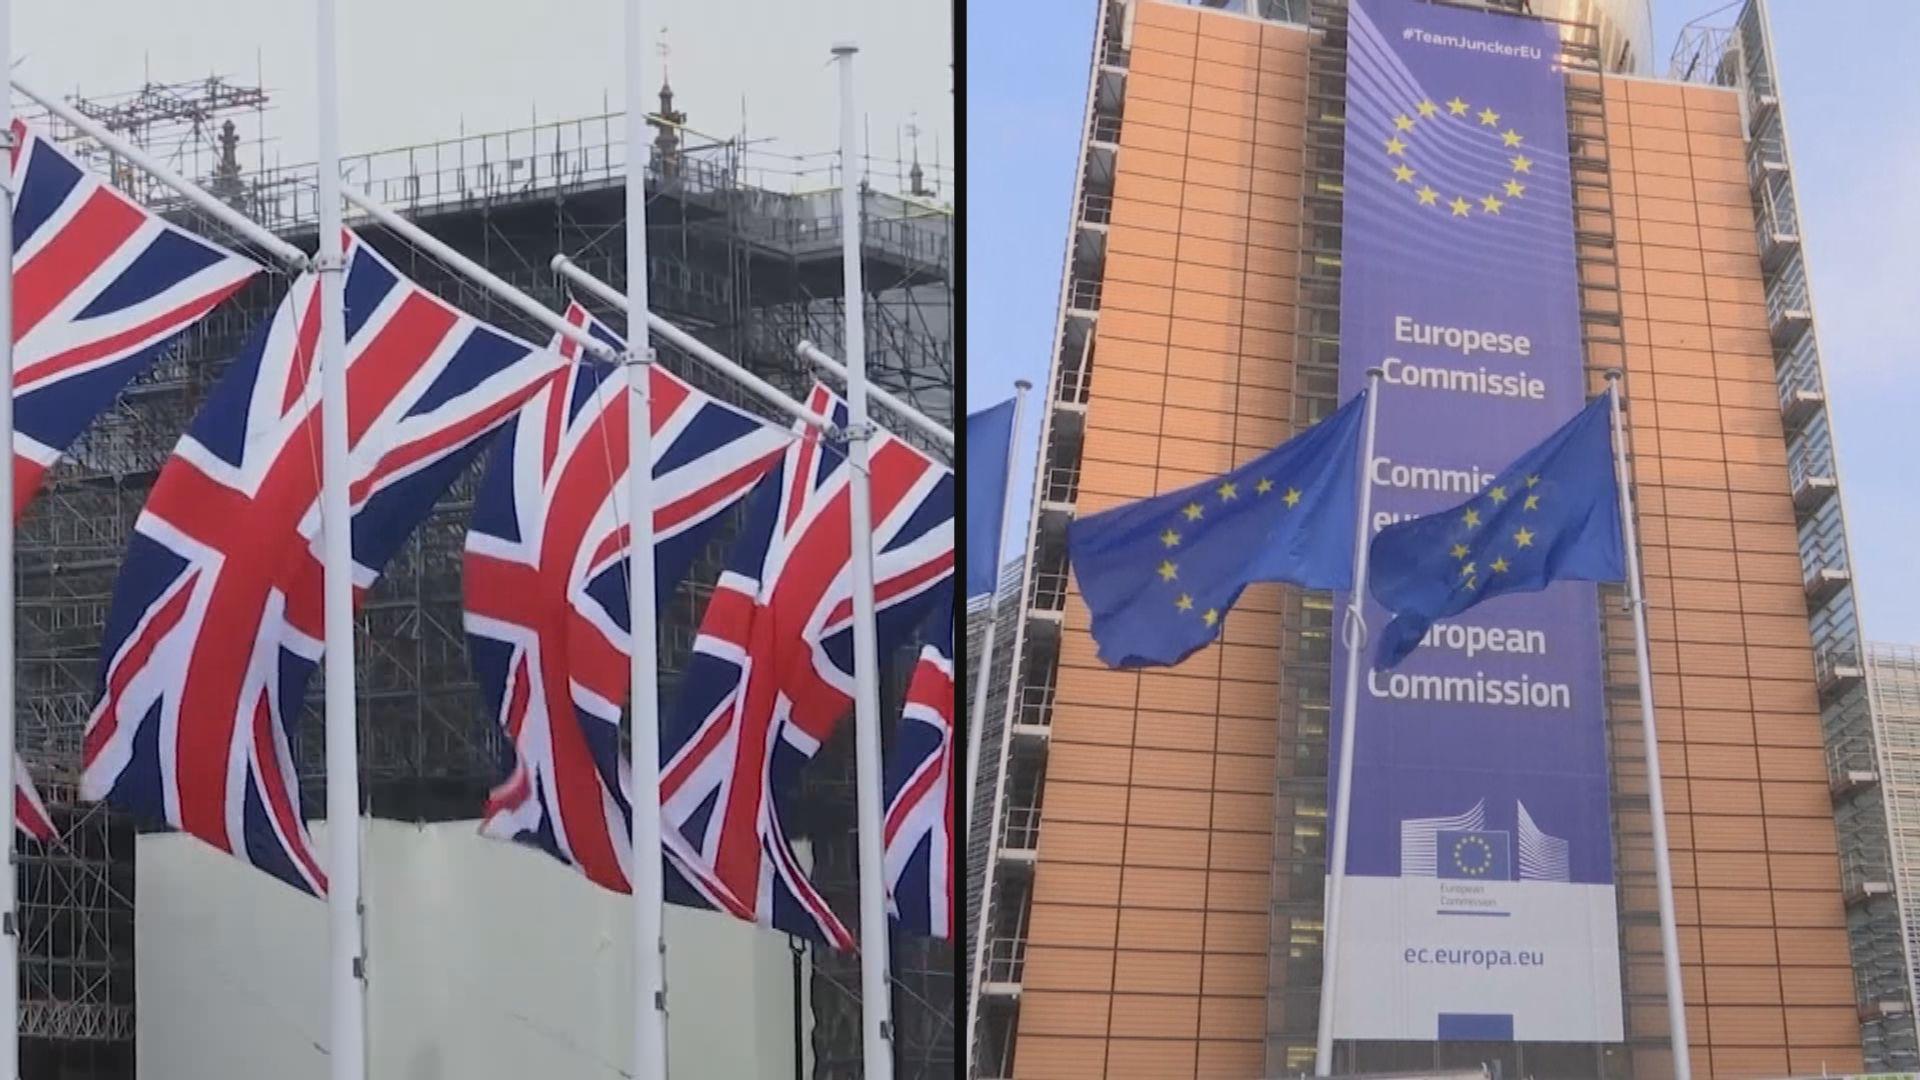 英國歐盟貿易協議仍未有共識